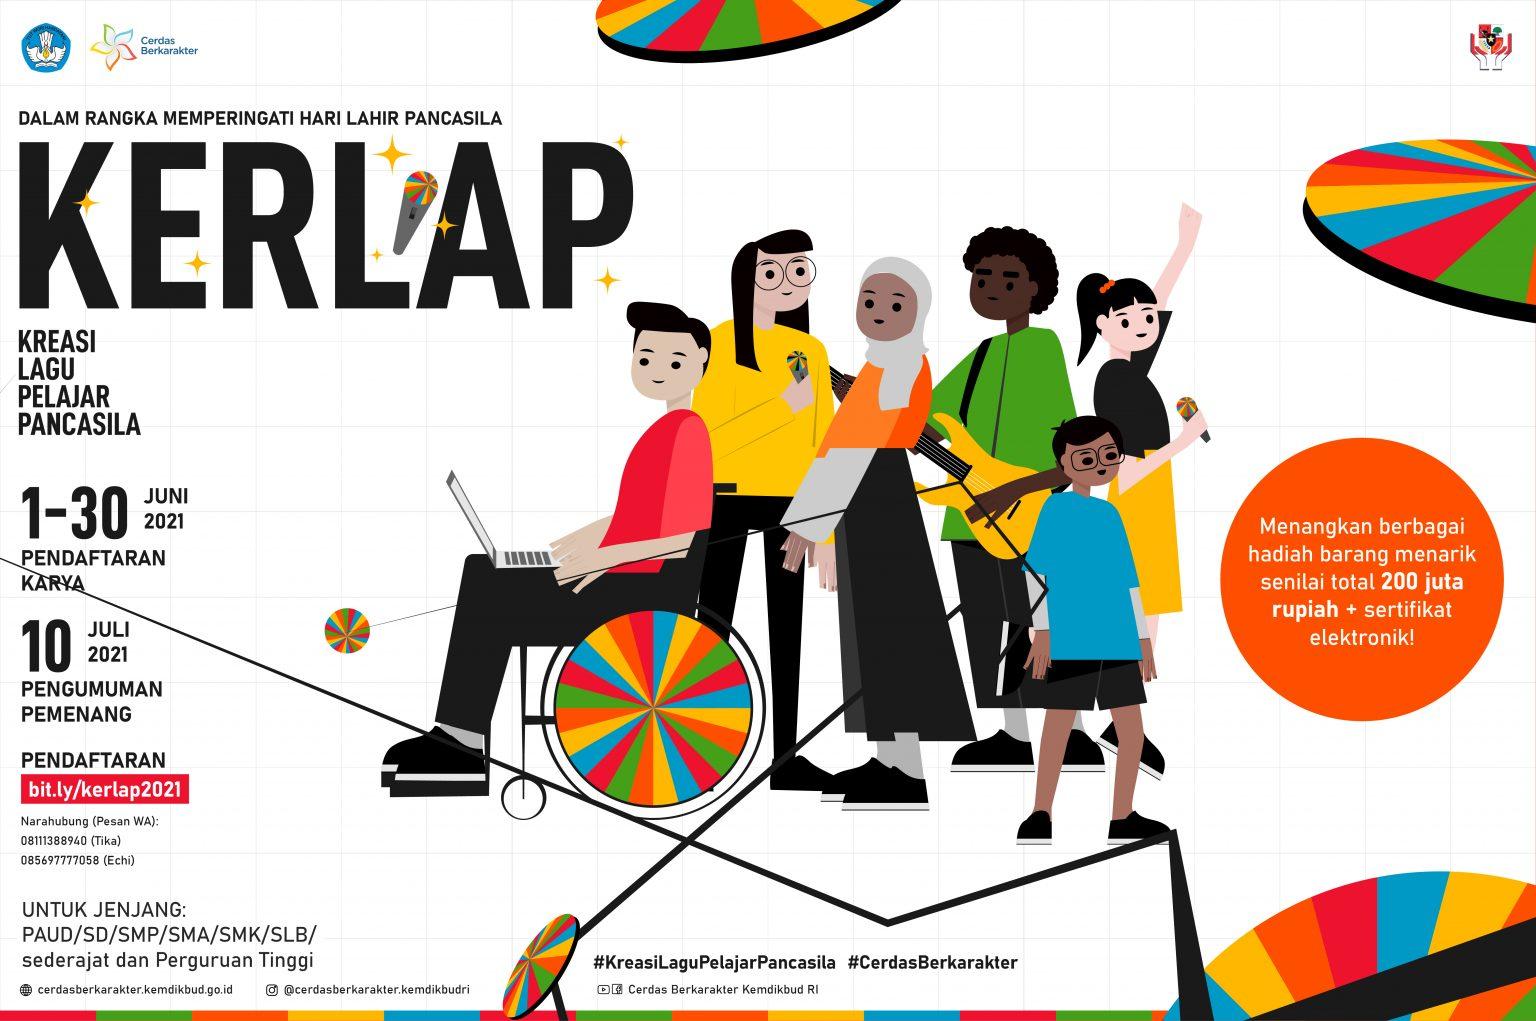 Lomba Kreasi Lagu Pelajar Pancasila oleh Cerdas Berkarakter Kemdikbud Berhadiah Senilai Total 200 Juta Rupiah